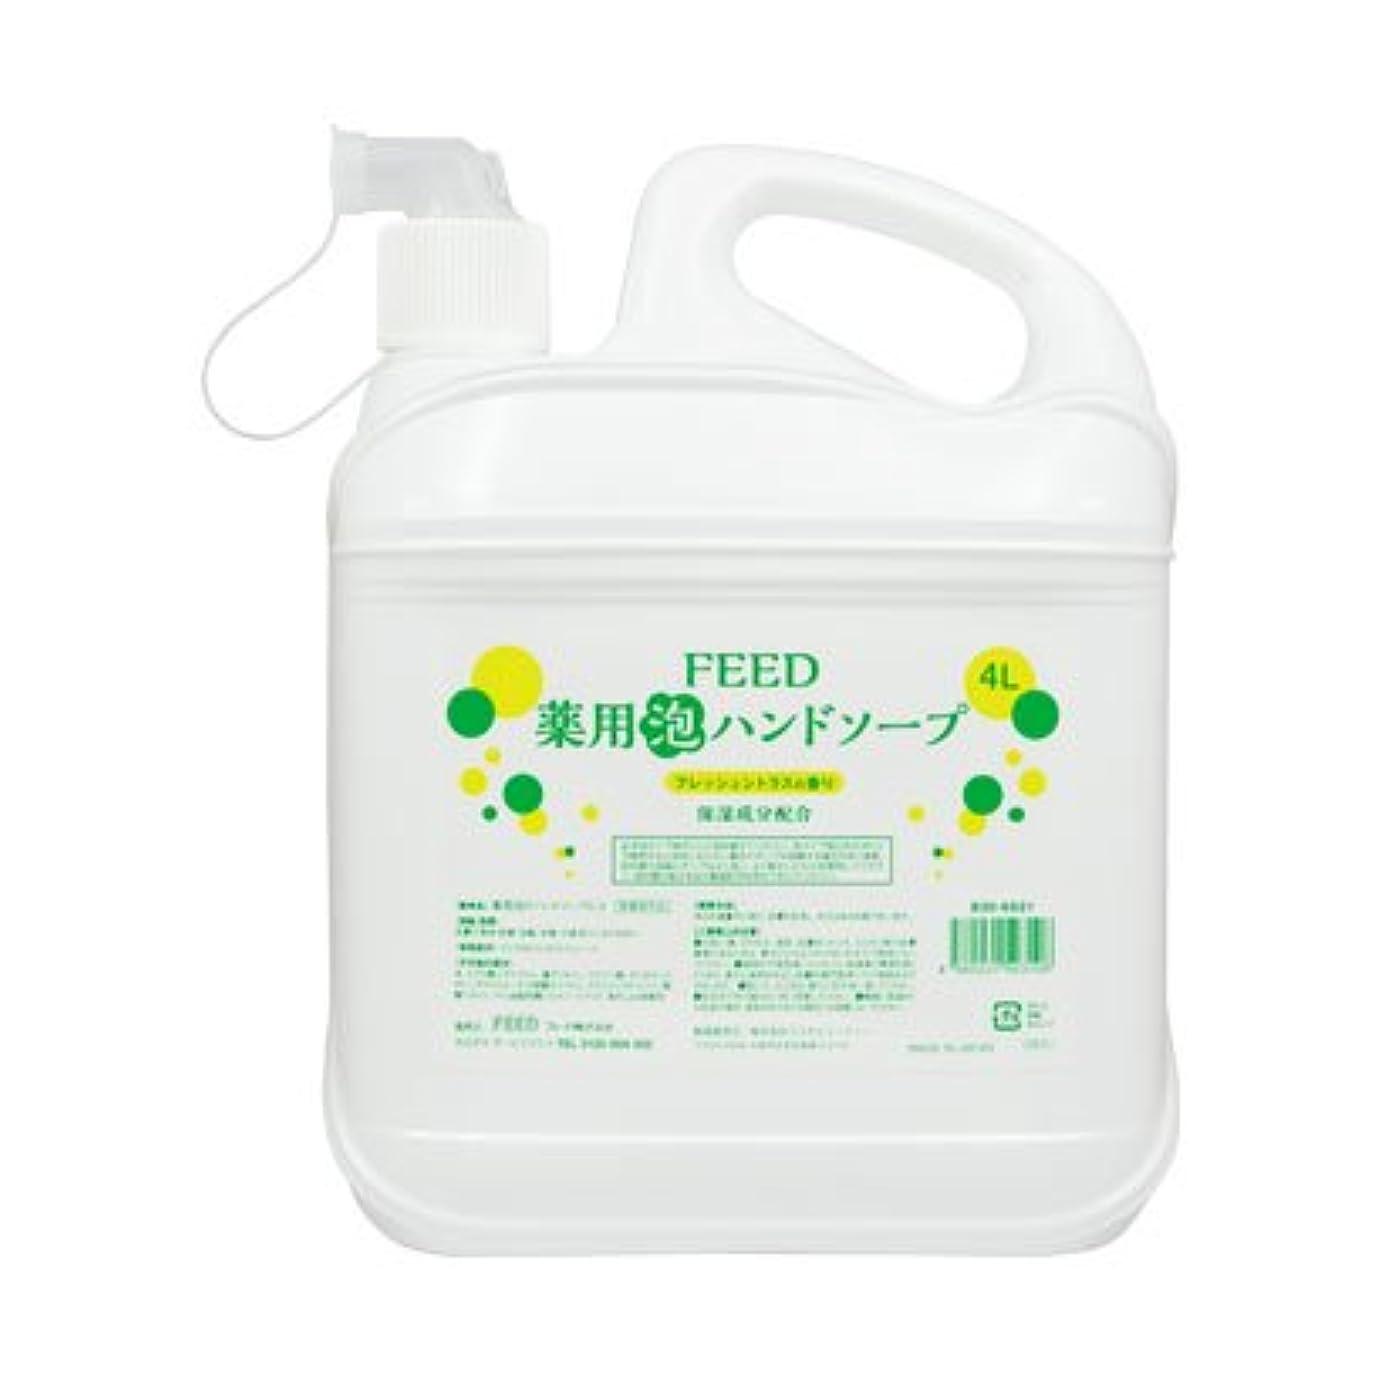 損なう調整降雨【業務用】 FEED(フィード) 薬用泡ハンドソープ フレッシュシトラスの香り/4L ハンドソープ(泡タイプ) 入数 1本